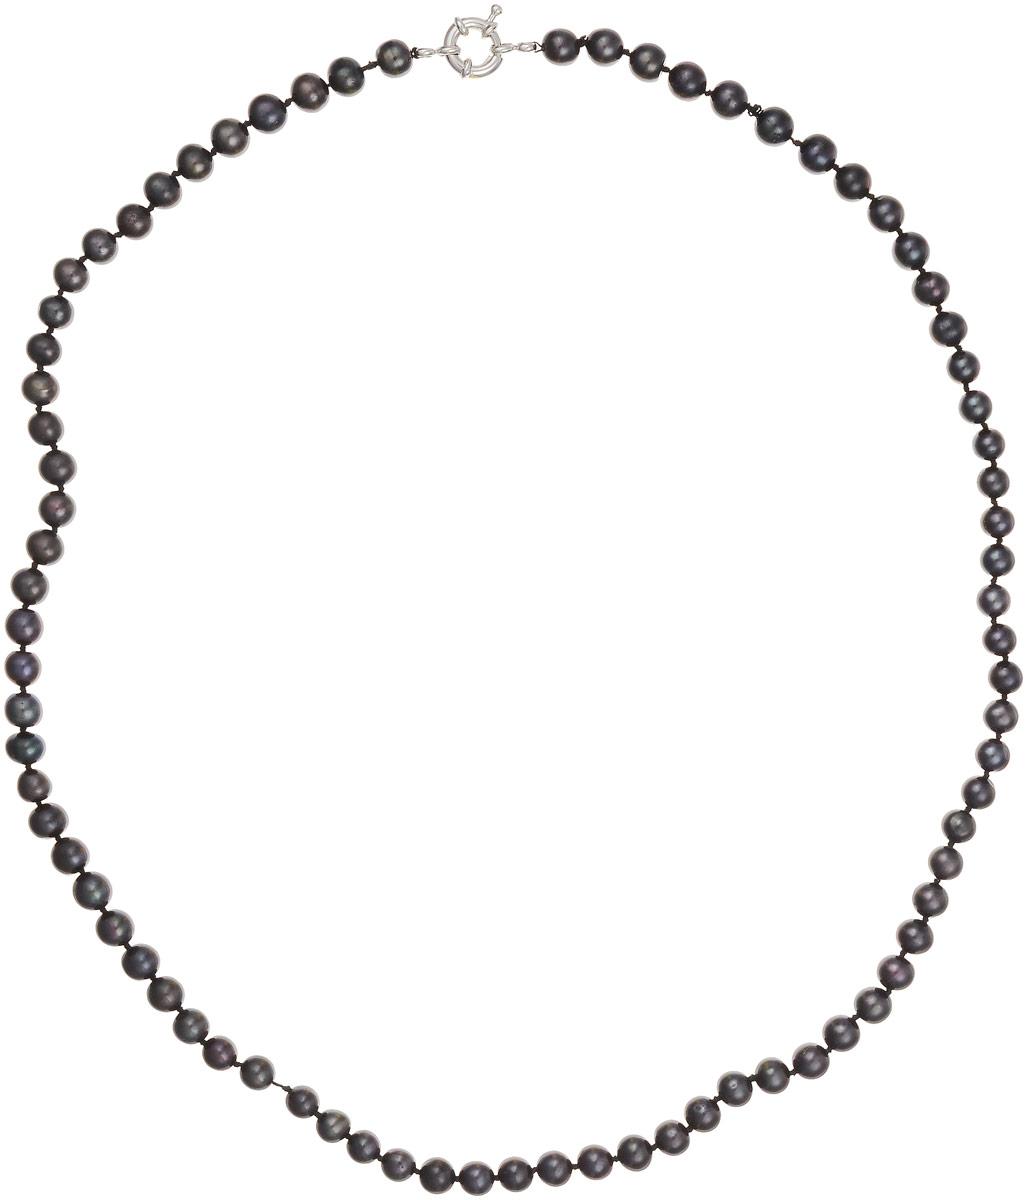 Бусы Art-Silver, цвет: темно-коричневый, фиолетово-зеленый, длина 60 см. КЖ7-8АА+60-1868КЖ7-8АА+60-1868Бусы Art-Silver изготовлены из культивированного жемчуга. Изделие оформлено круглыми бусинами и застегивается на шпренгельный замок из бижутерного сплава.